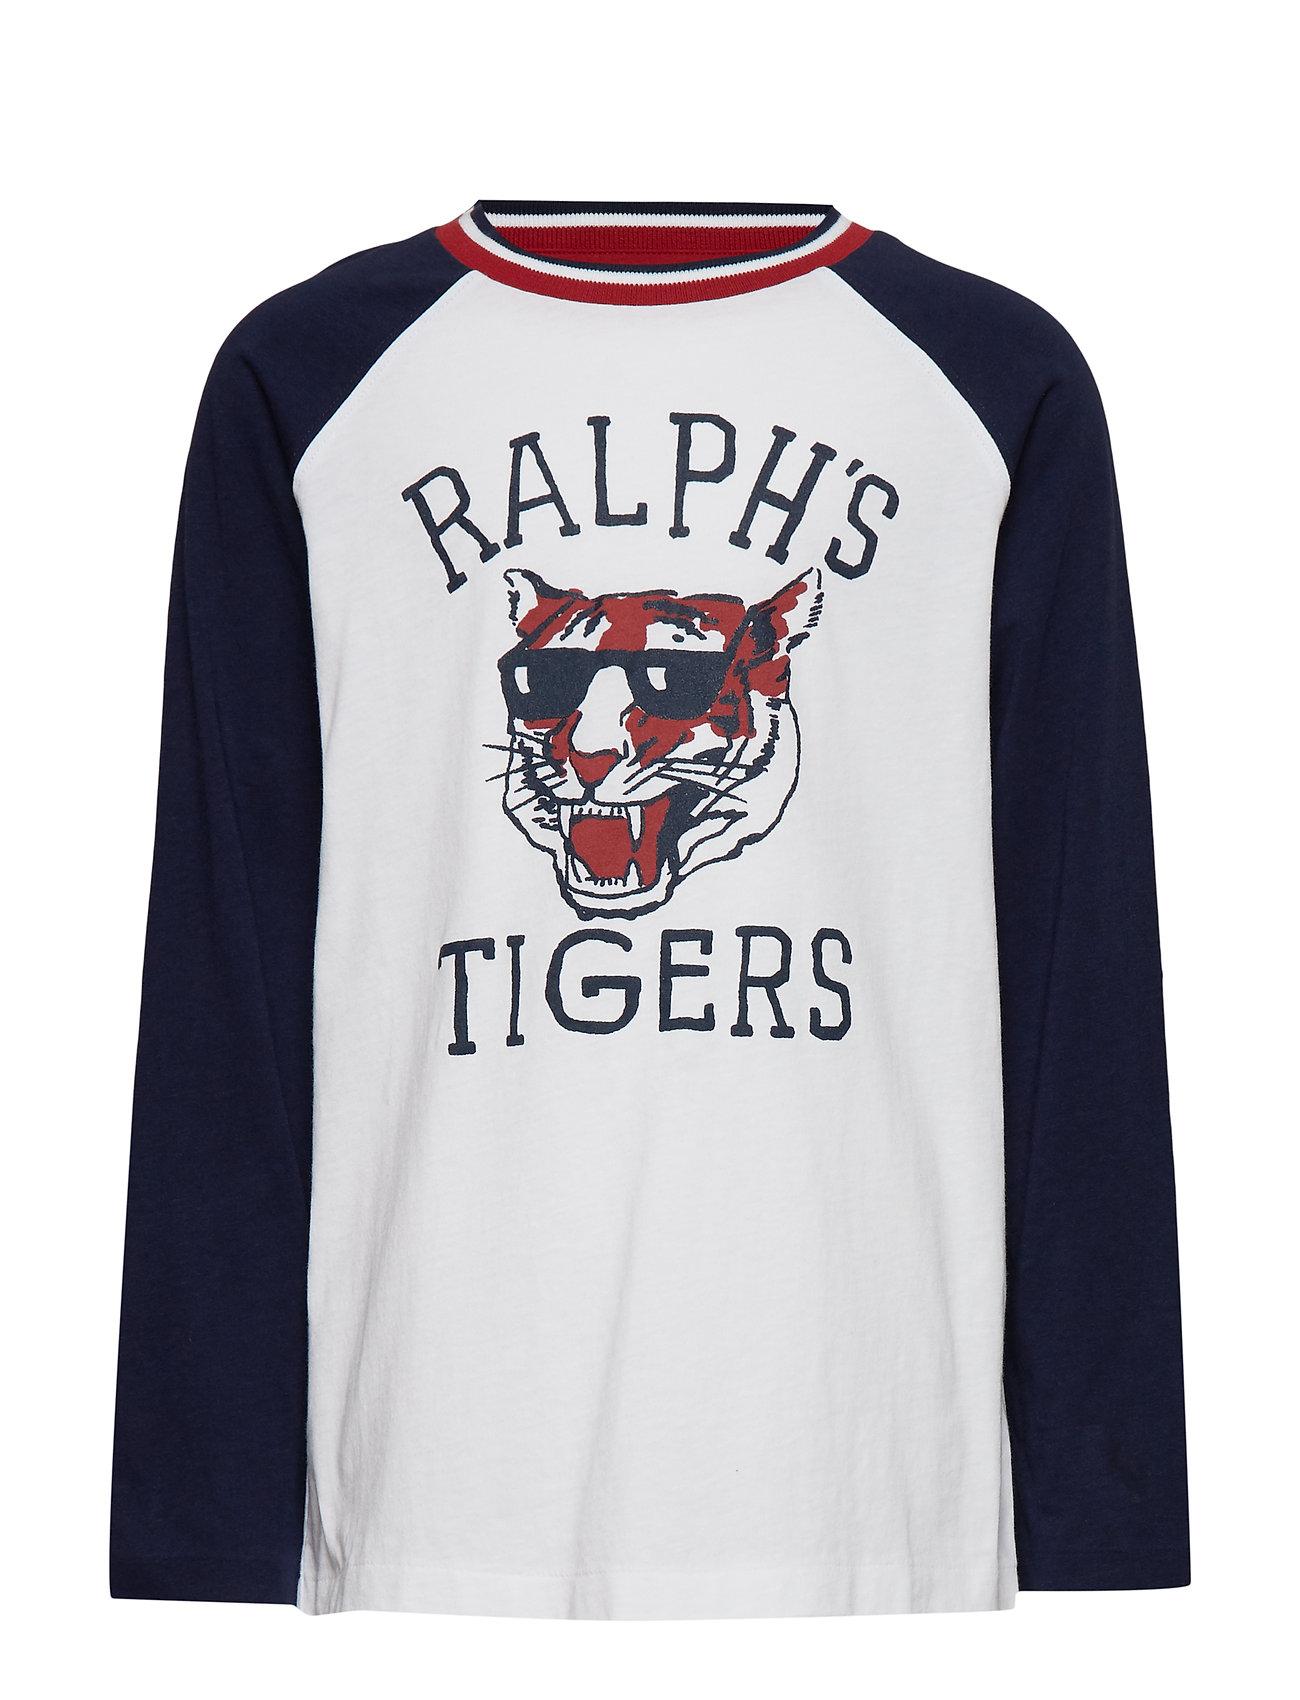 Ralph Lauren Kids Cotton Graphic Baseball Tee - WHITE